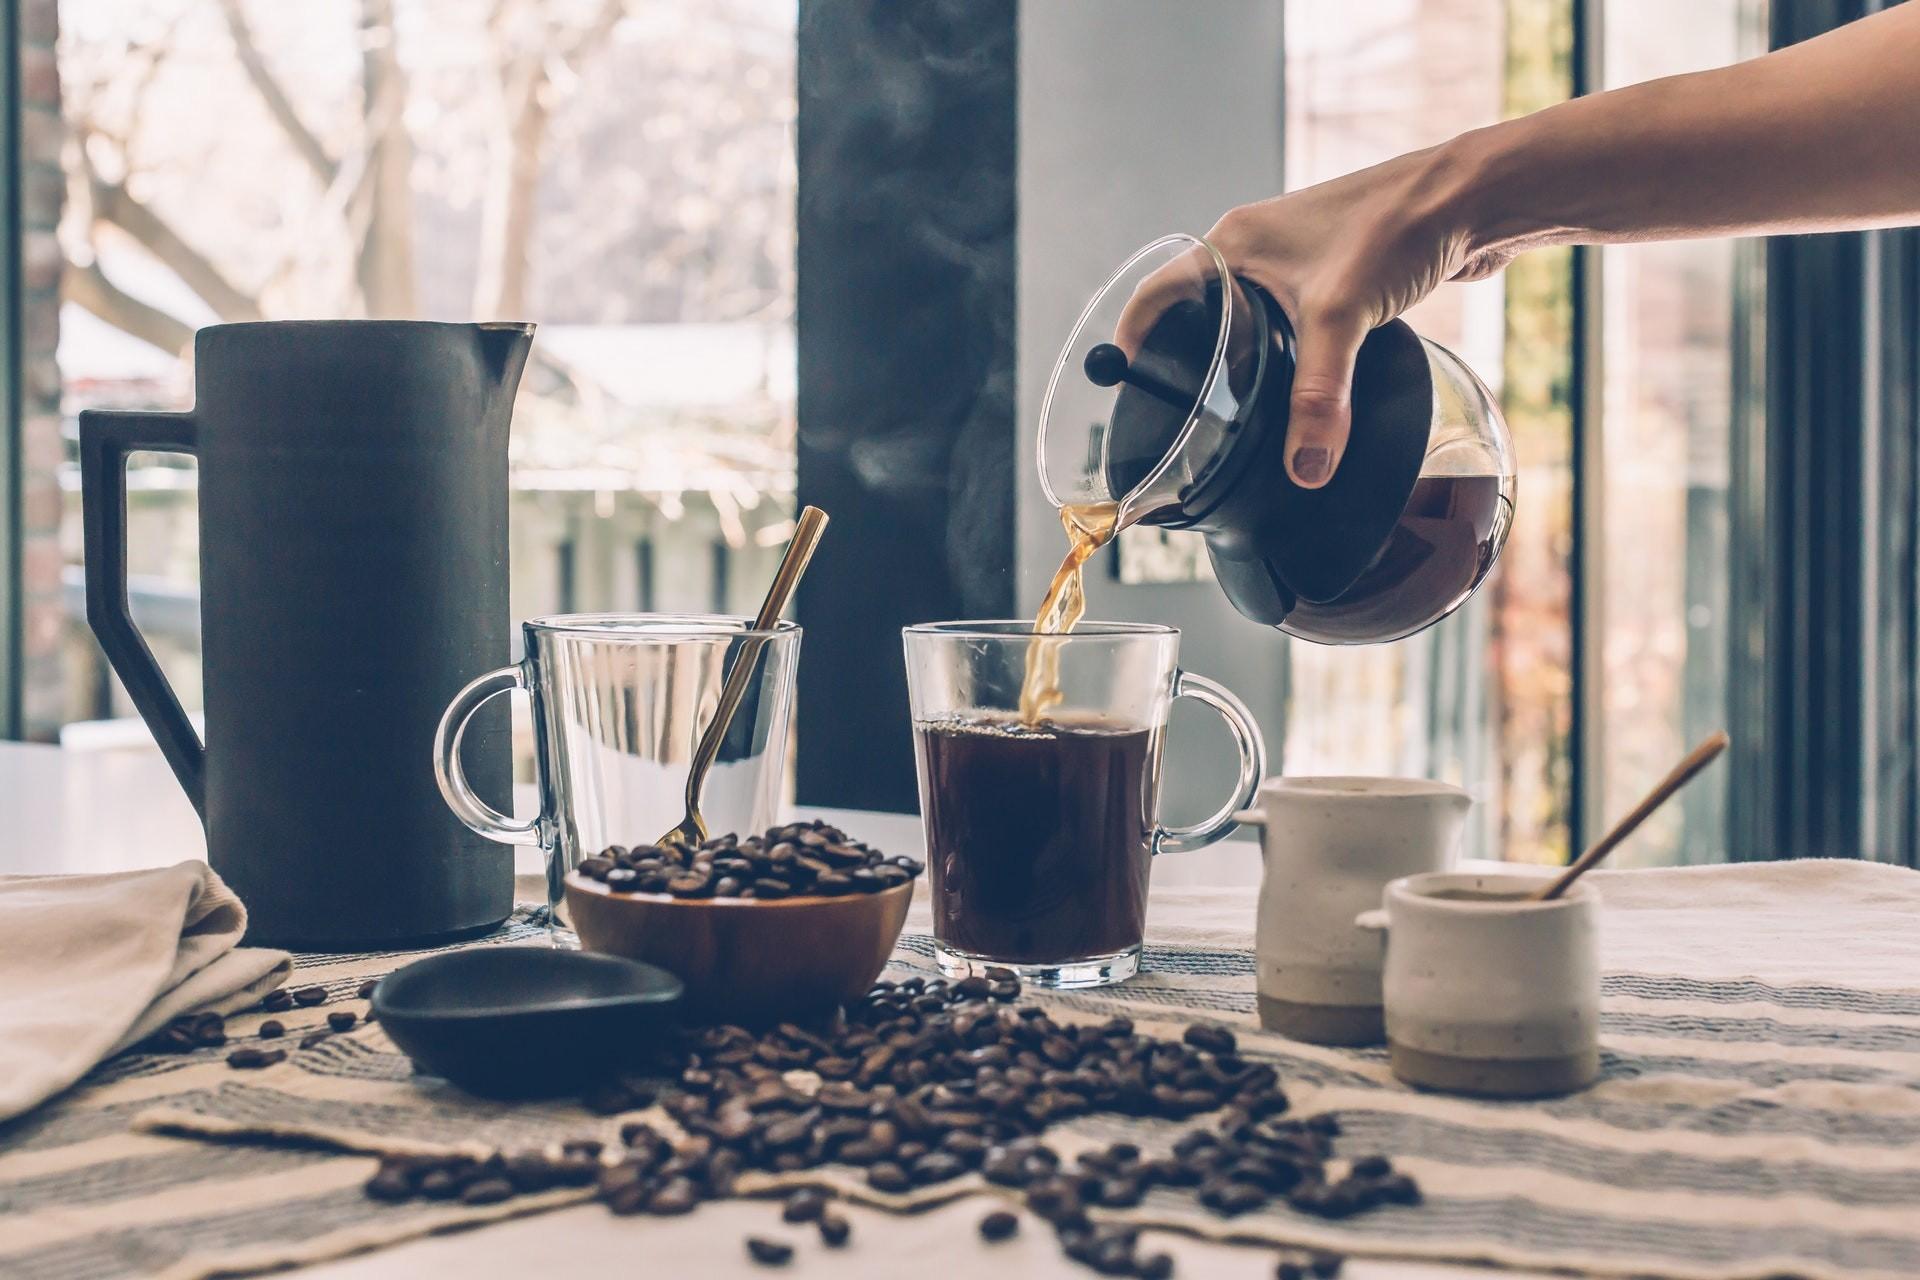 ▲咖啡,飲料。(圖/翻攝PEXELS)